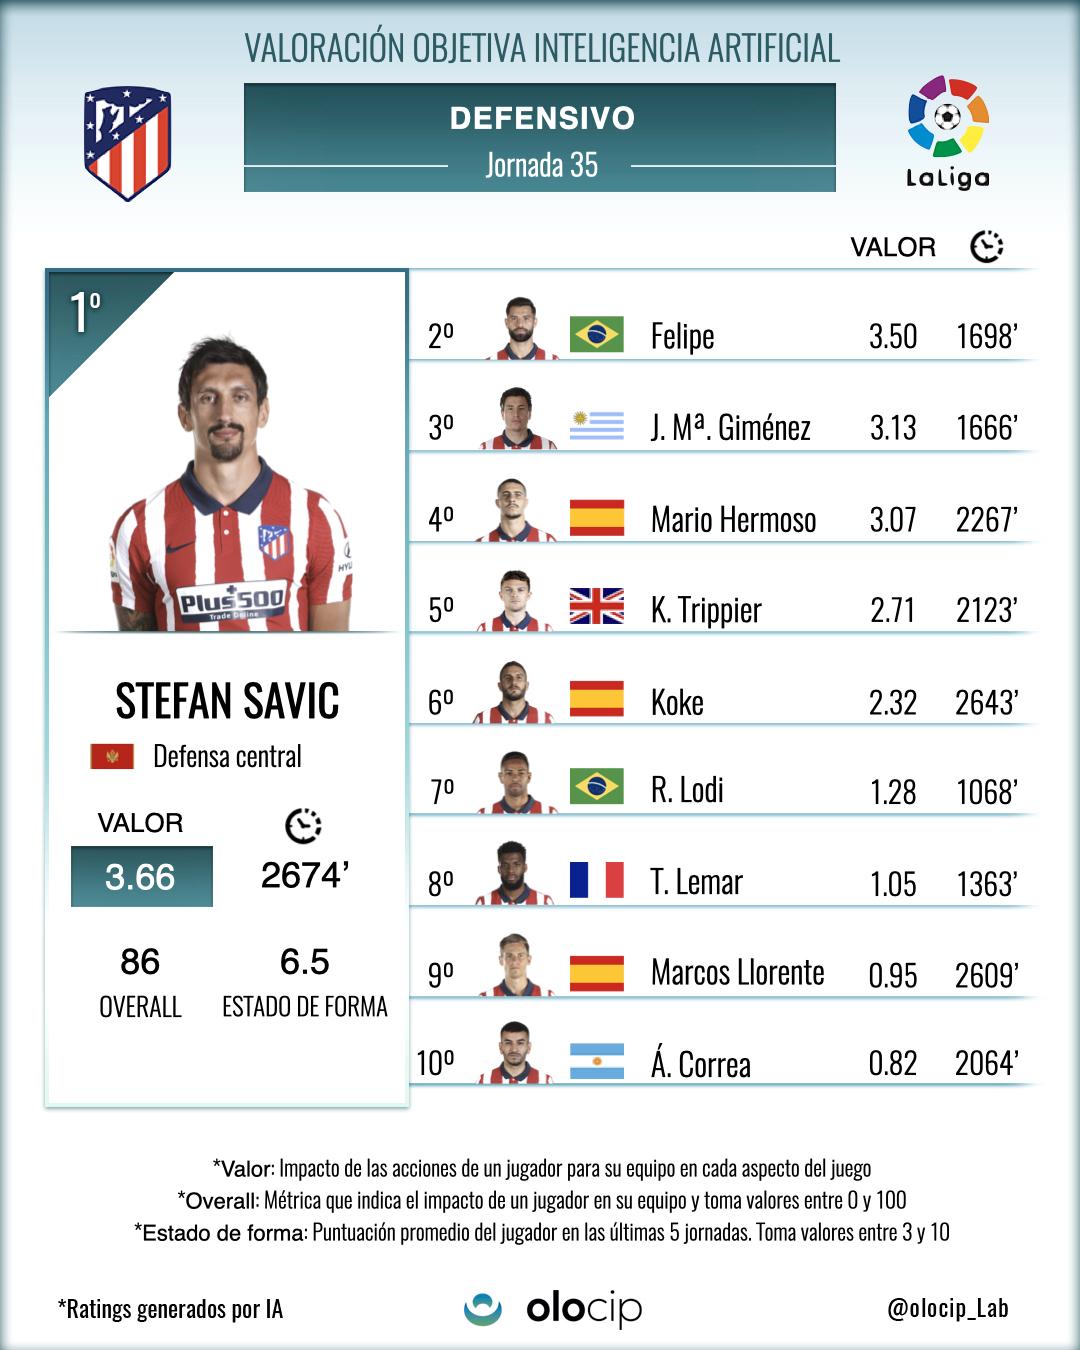 *Top 10 de jugadores del ATM que más valor han aportado a su equipo con acciones defensivas